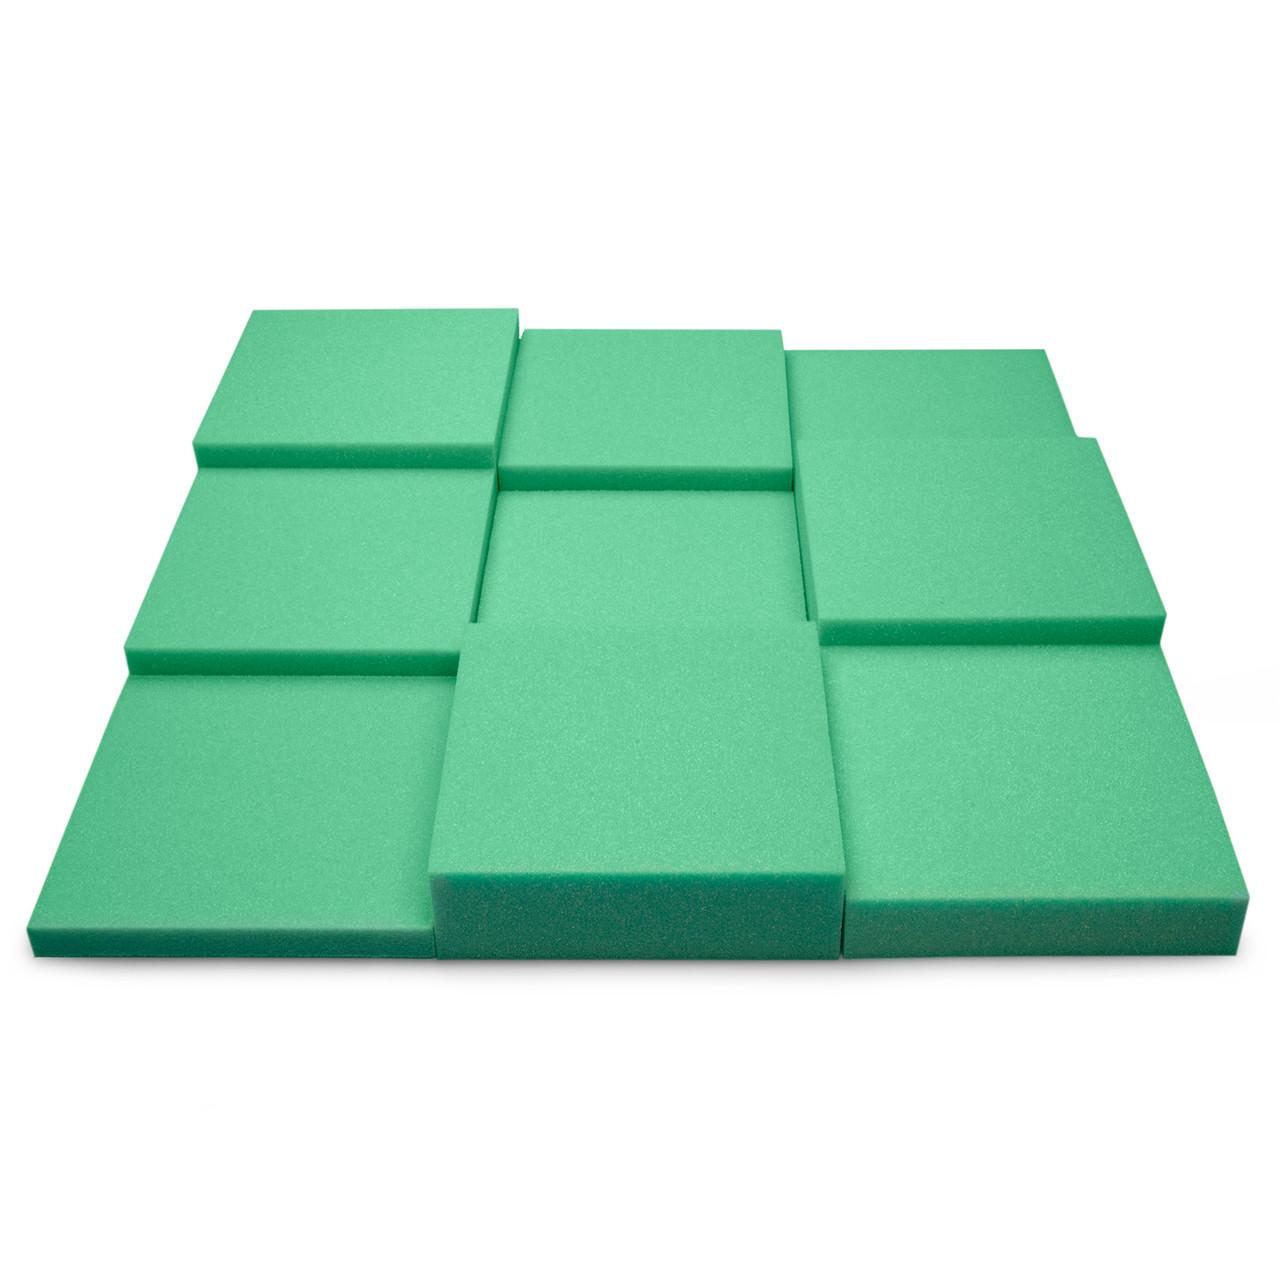 Панель з акустичного поролону Ecosound Pattern Green 60мм, 60х60см колір зелений